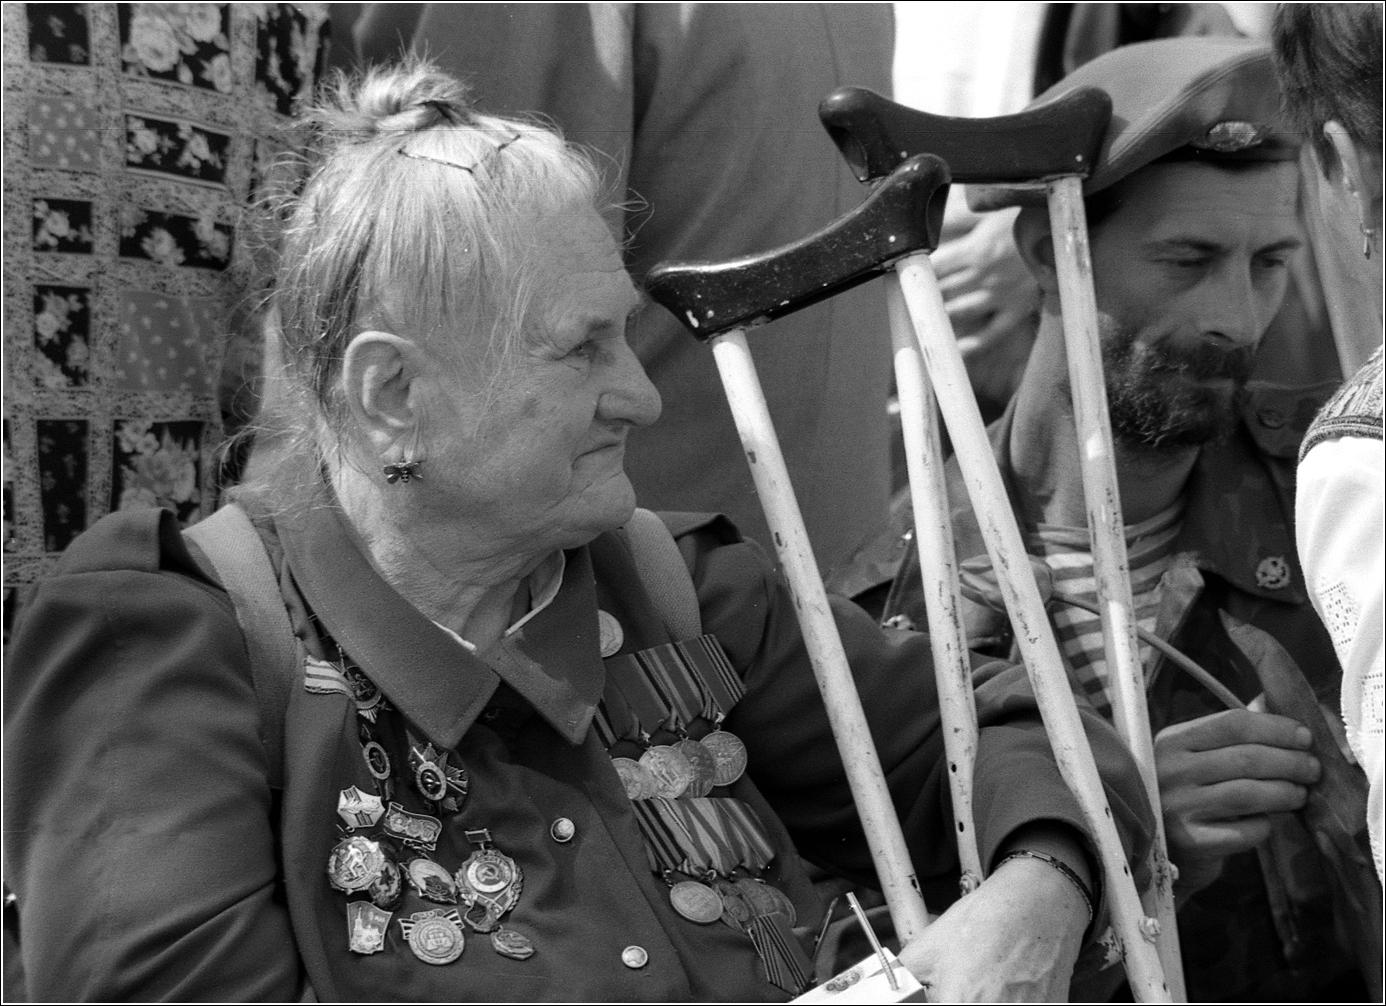 181. 1996. 9 мая. Встреча Ветеранов у Большого театра